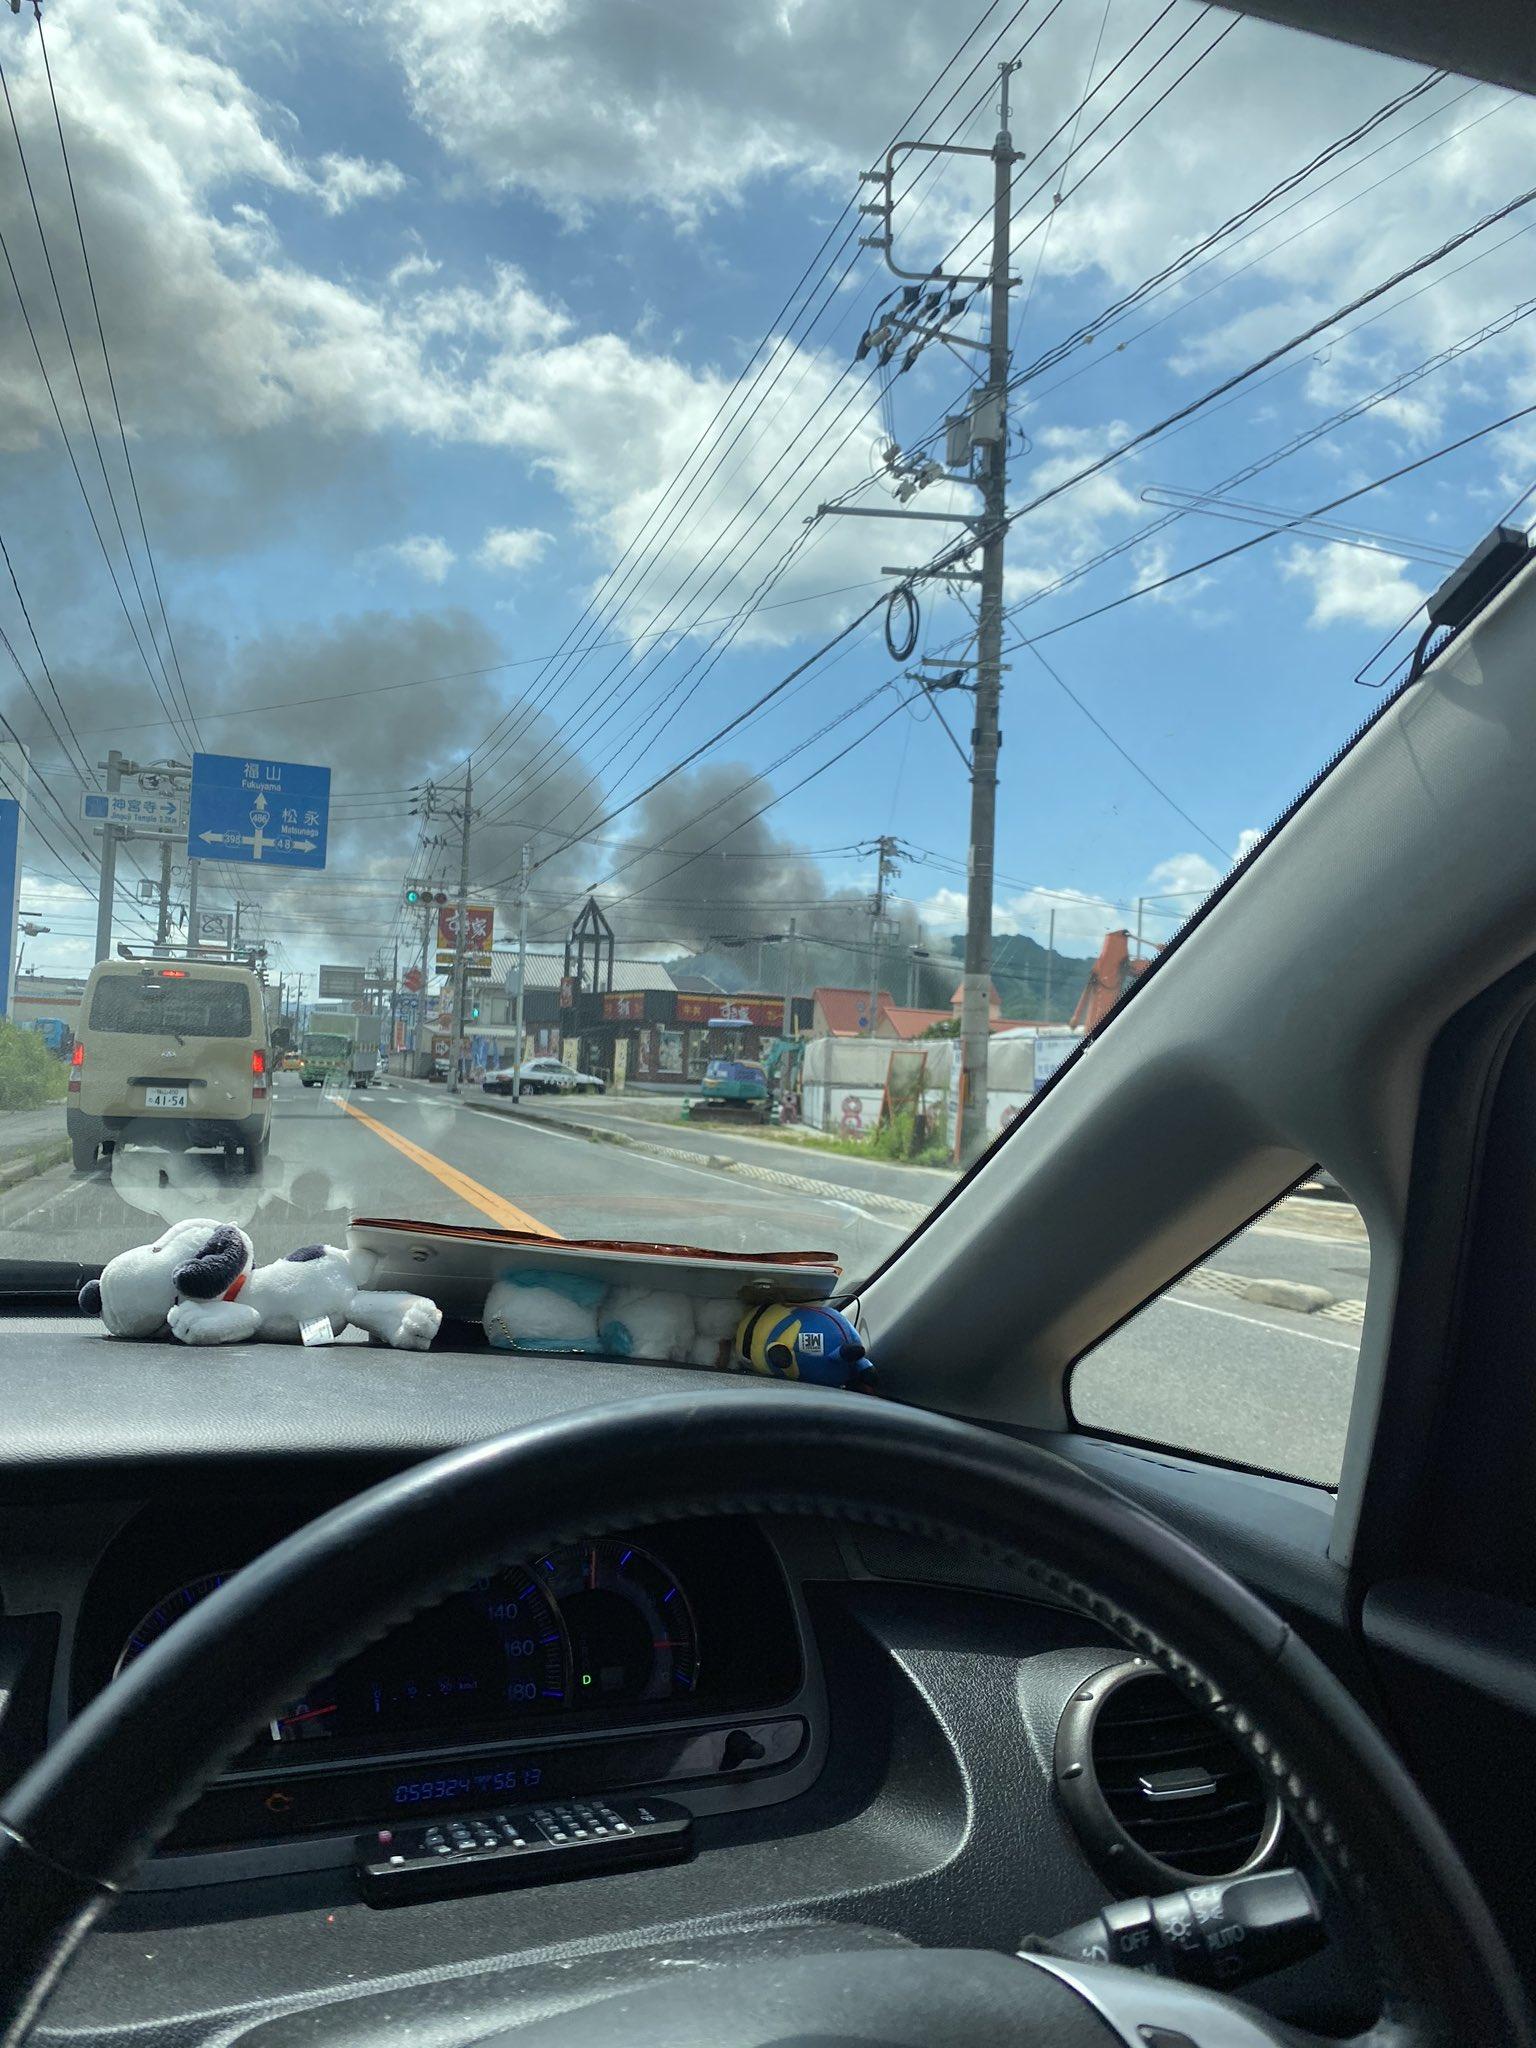 画像,えっ、火事やん大丈夫なんかな😰 https://t.co/Xu49aBePIw。